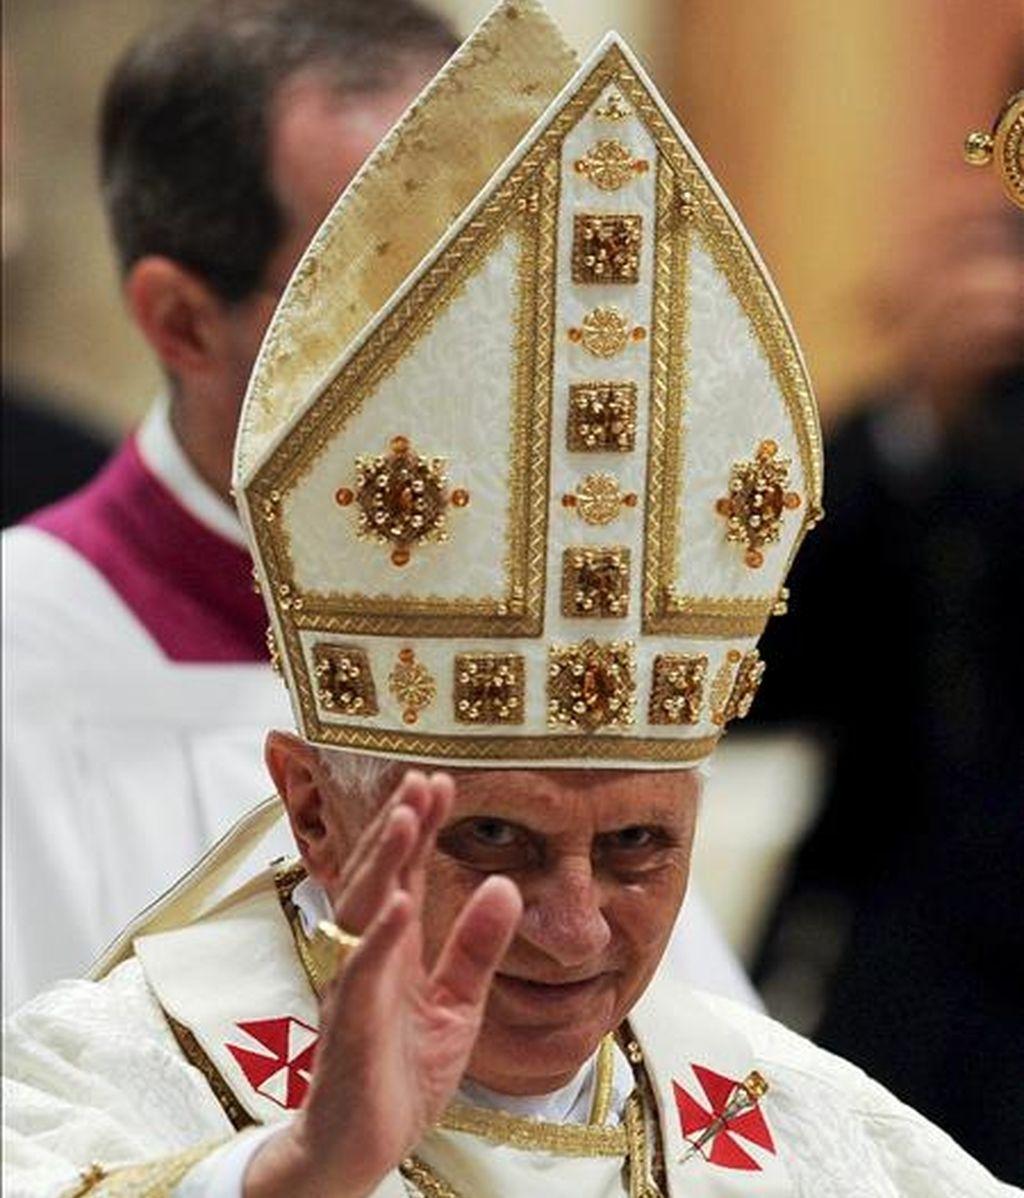 El papa Benedicto XVI oficia la tradicional misa de Jueves Santo en el Vaticano. EFE